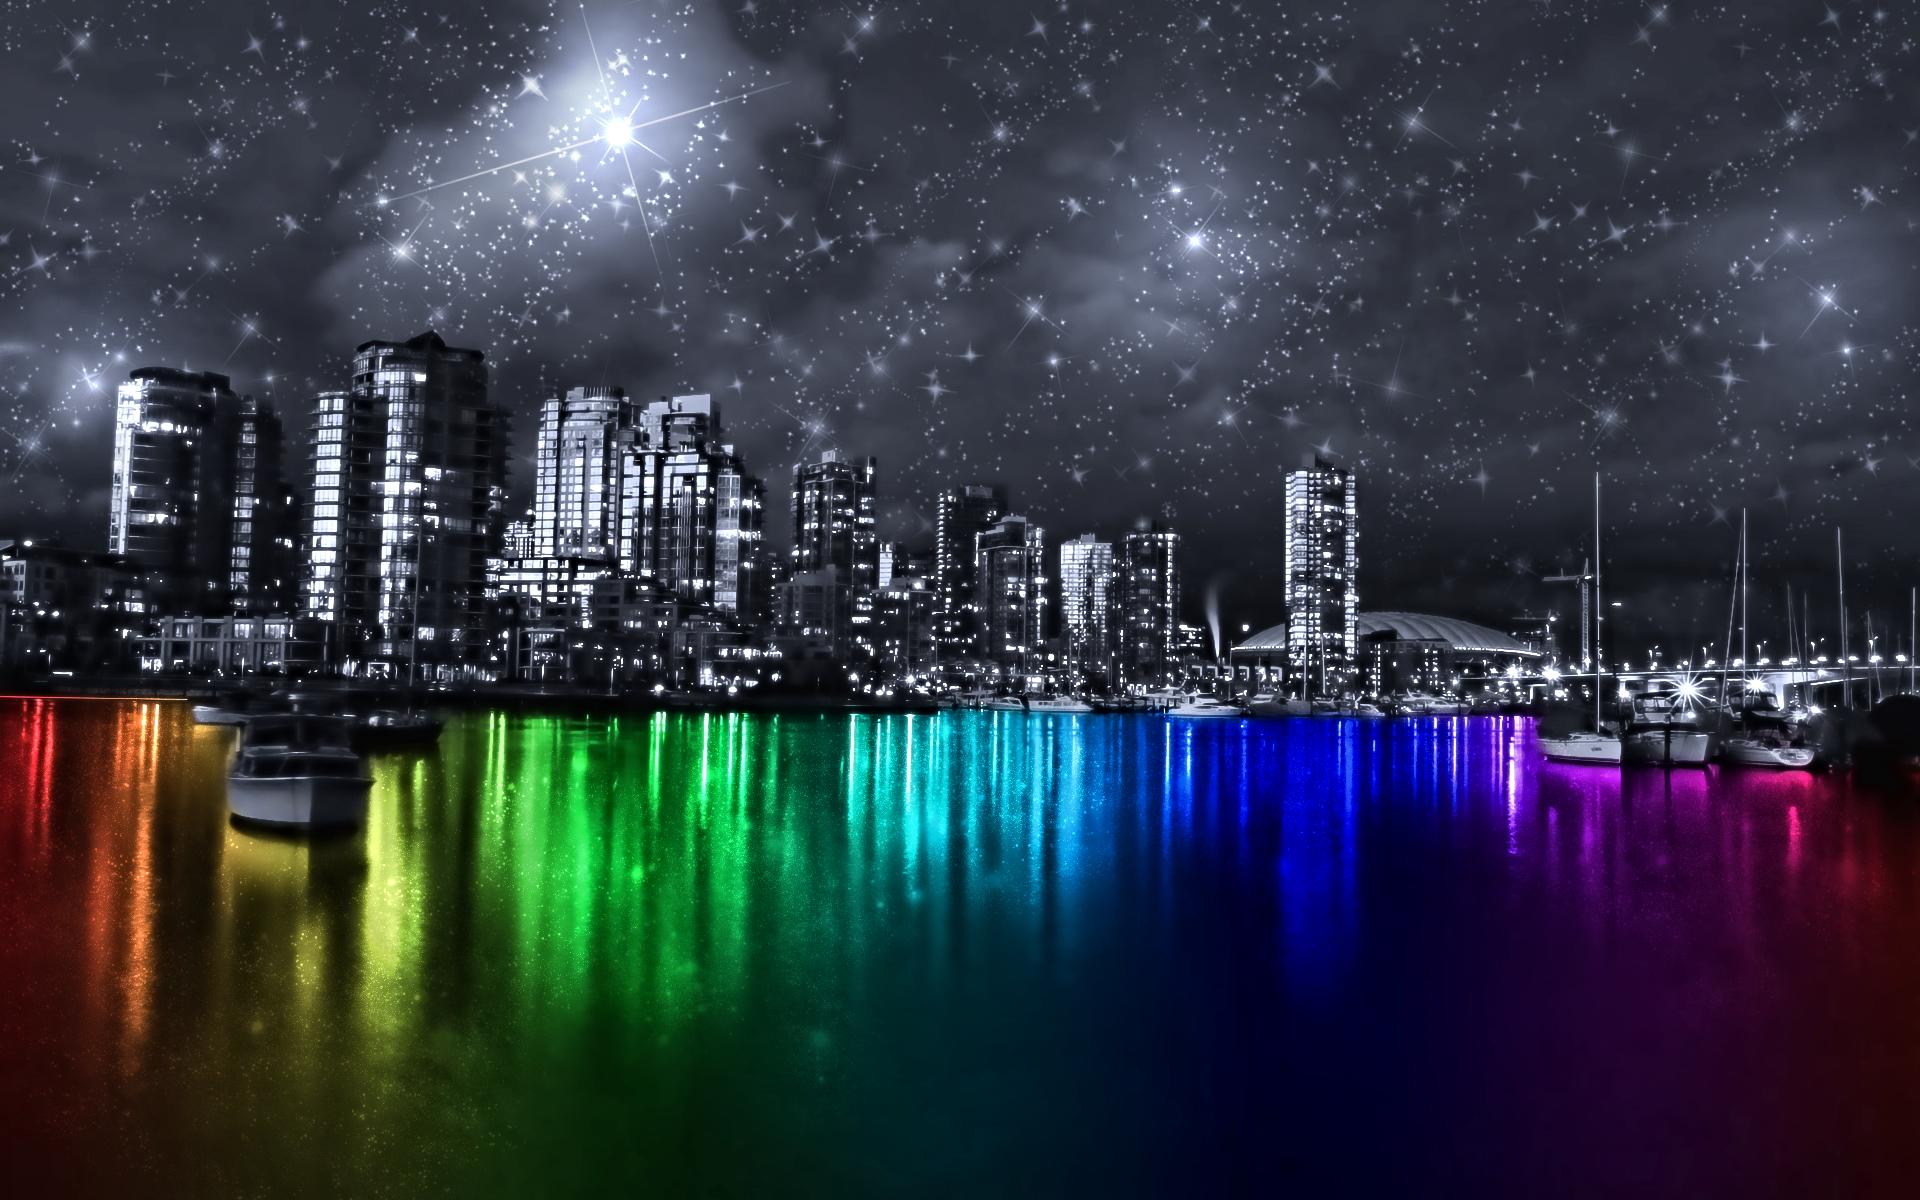 city night art hd - photo #12